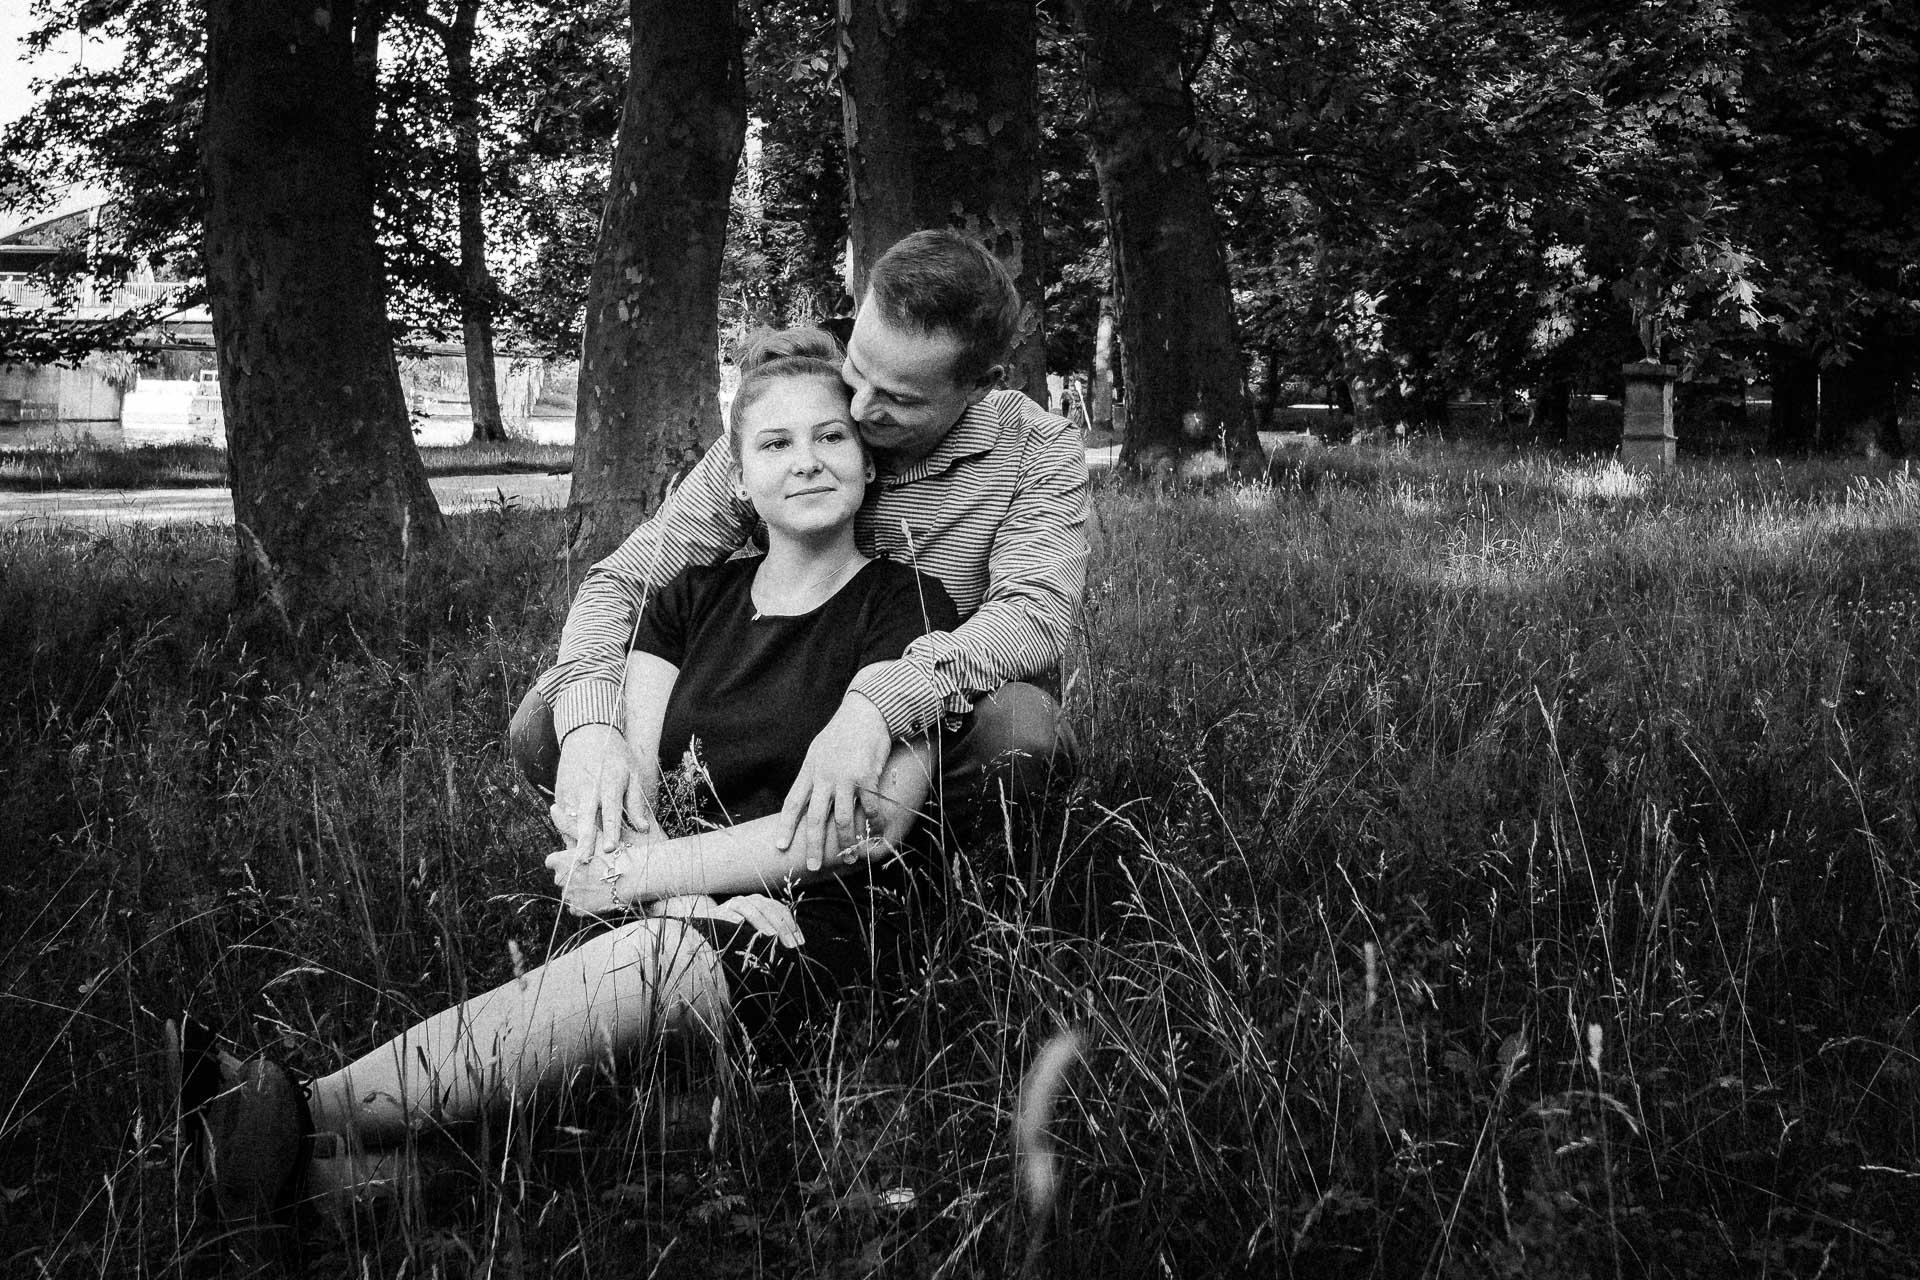 Paar in einer Wiese